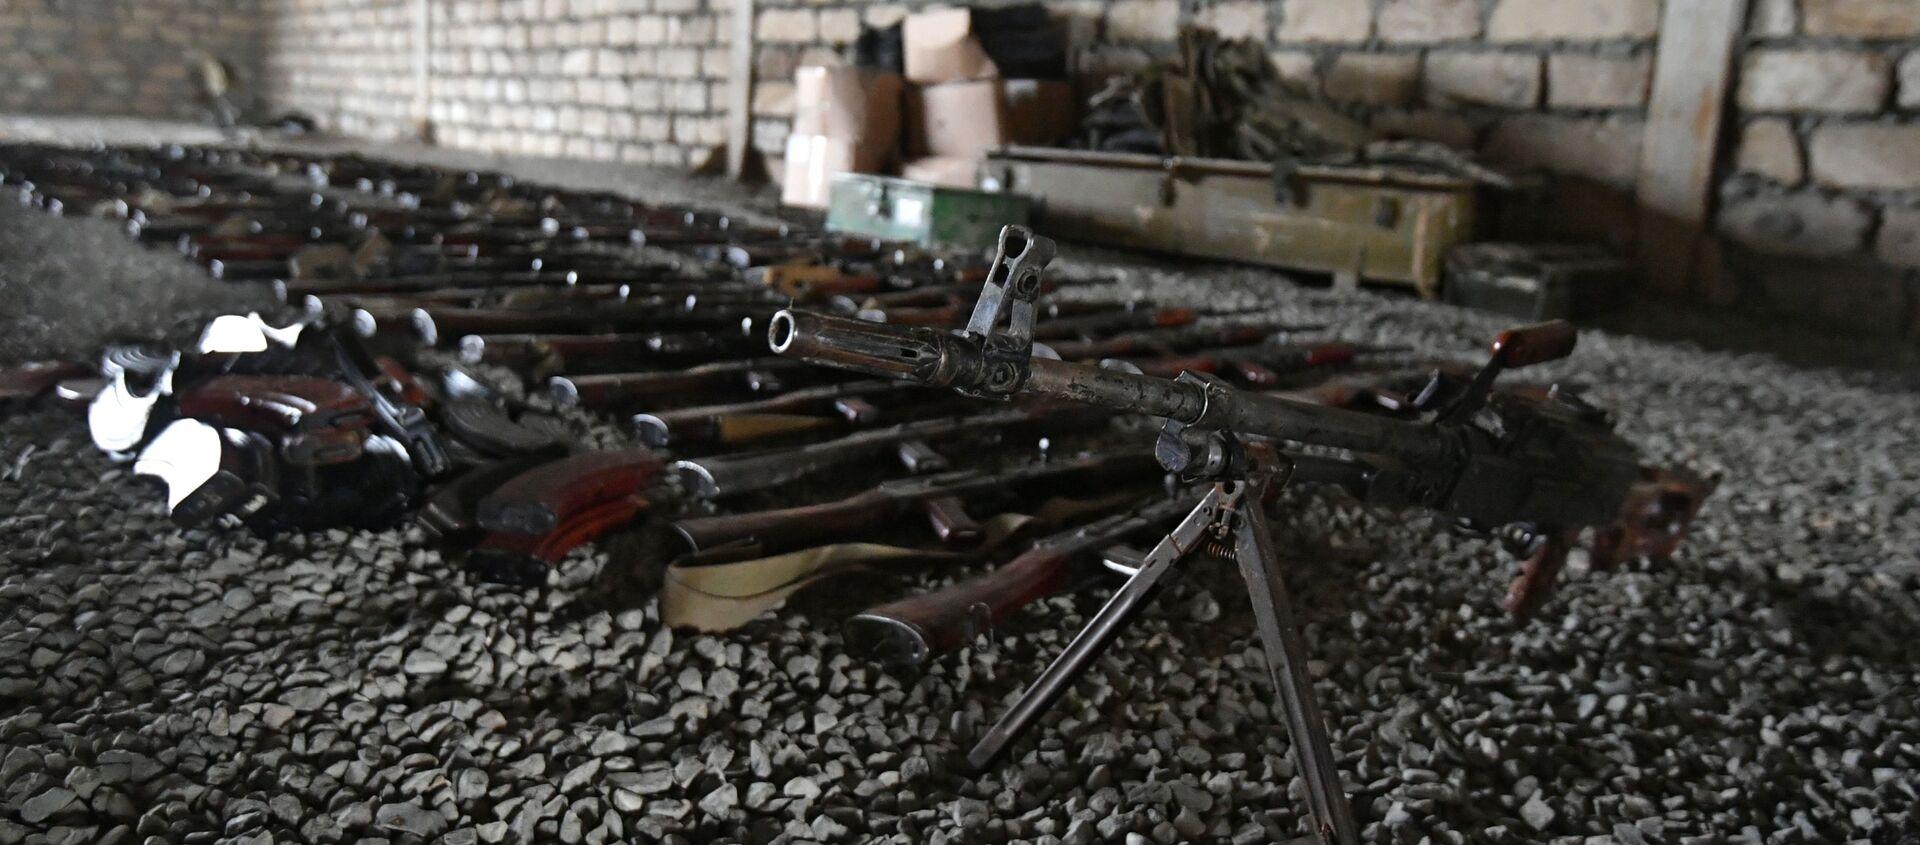 Военные трофеи, оставленные ВС Армении на поле боя - Sputnik Азербайджан, 1920, 25.03.2021